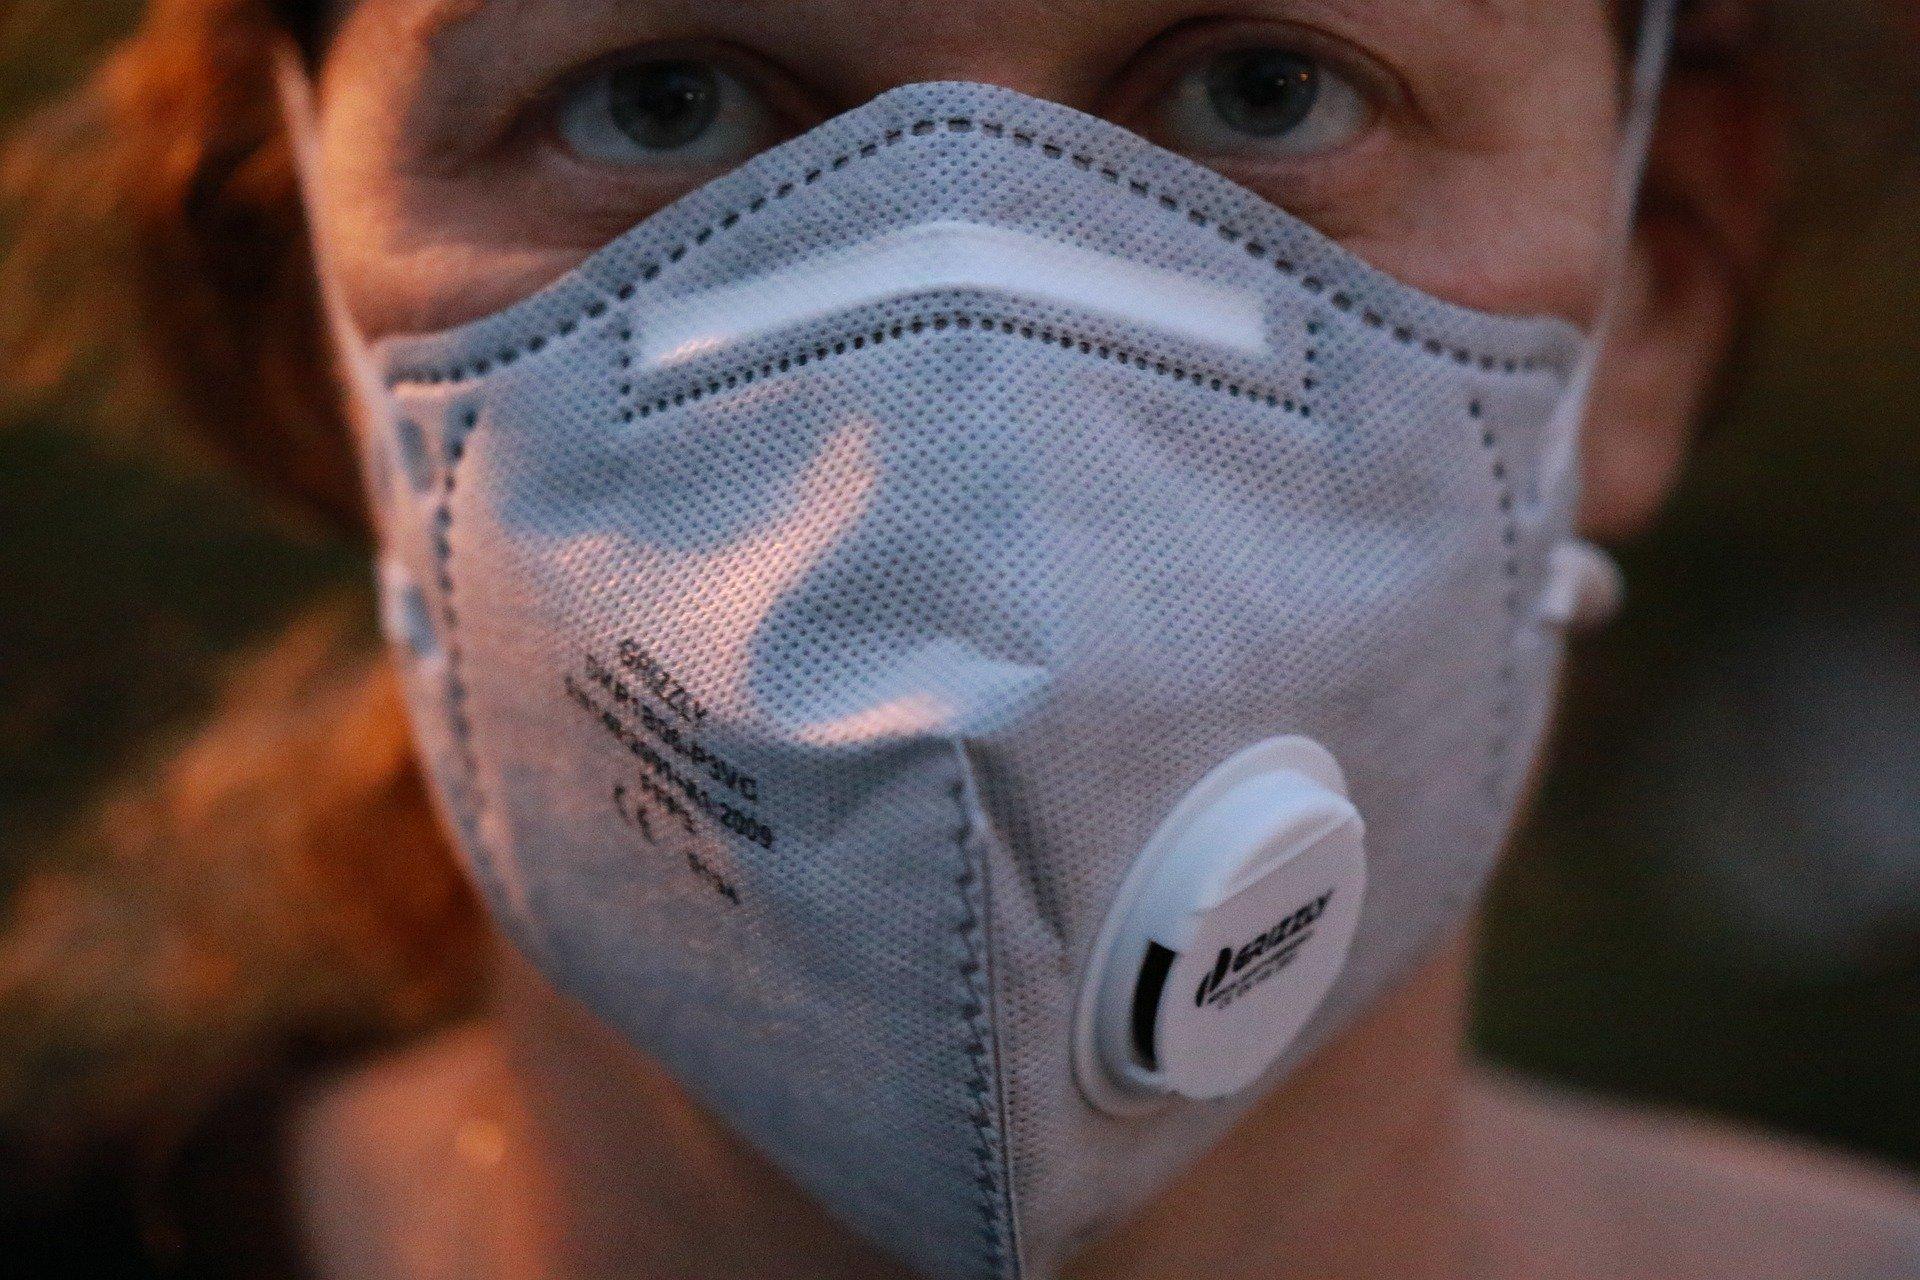 Od czwartku w miejscach publicznych trzeba nosić maski ochronne. Jednak są wyjątki